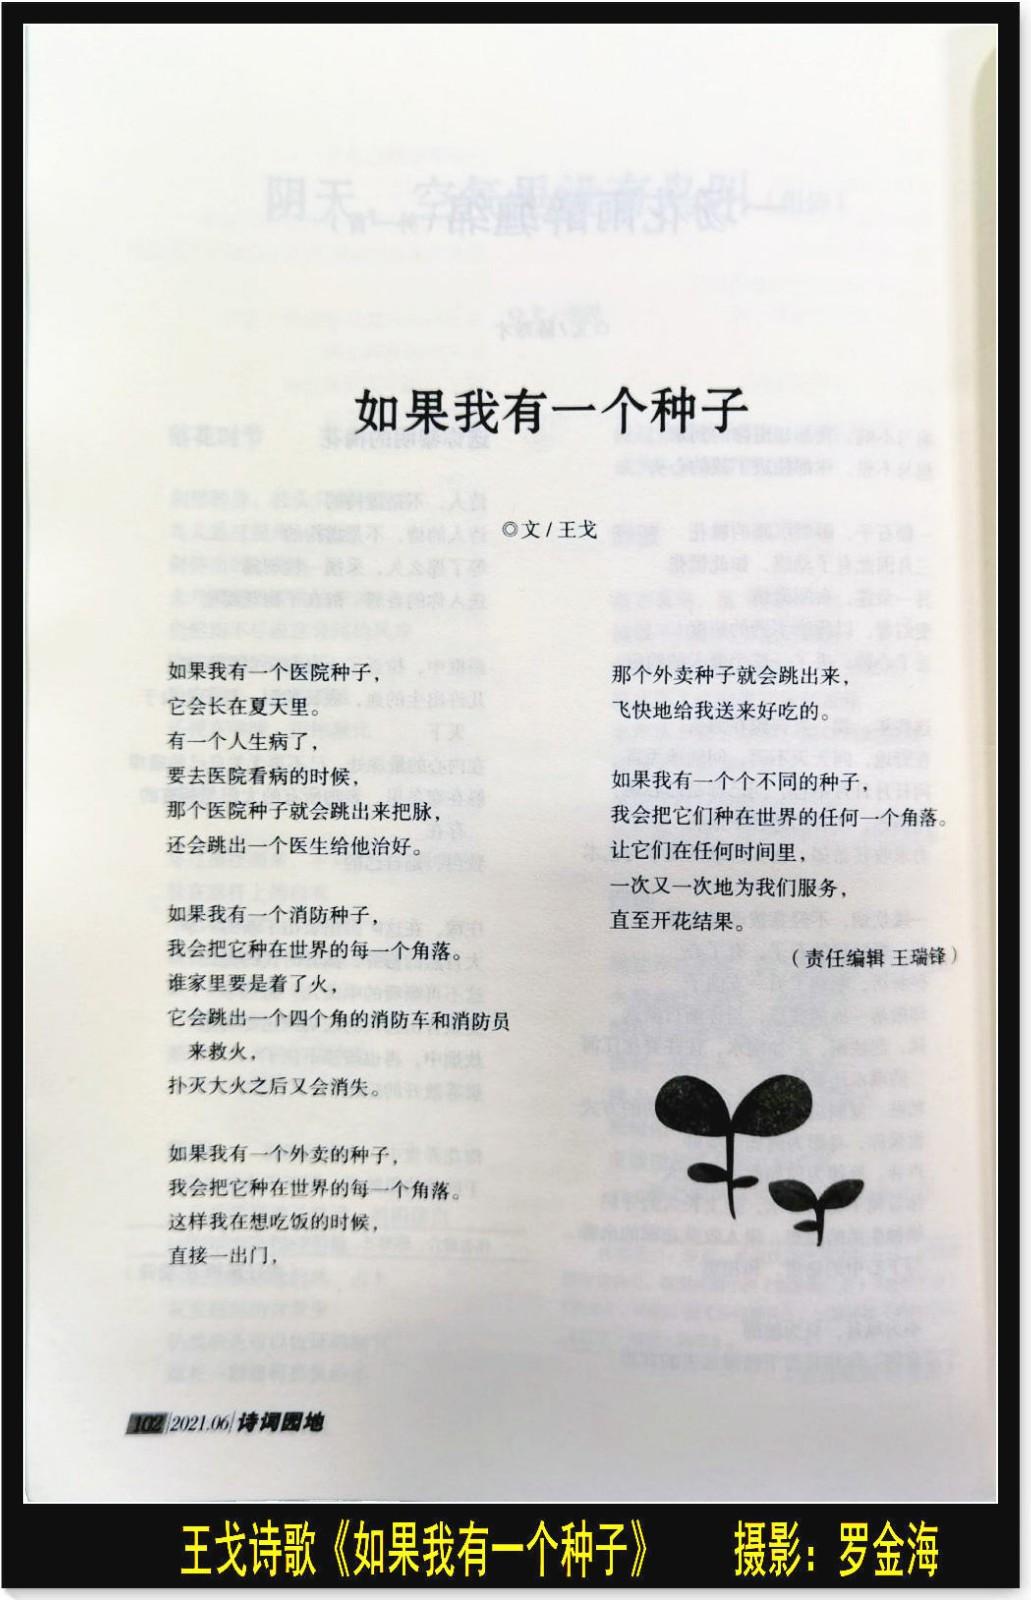 贺八岁孩子的生日(七律)_图1-2